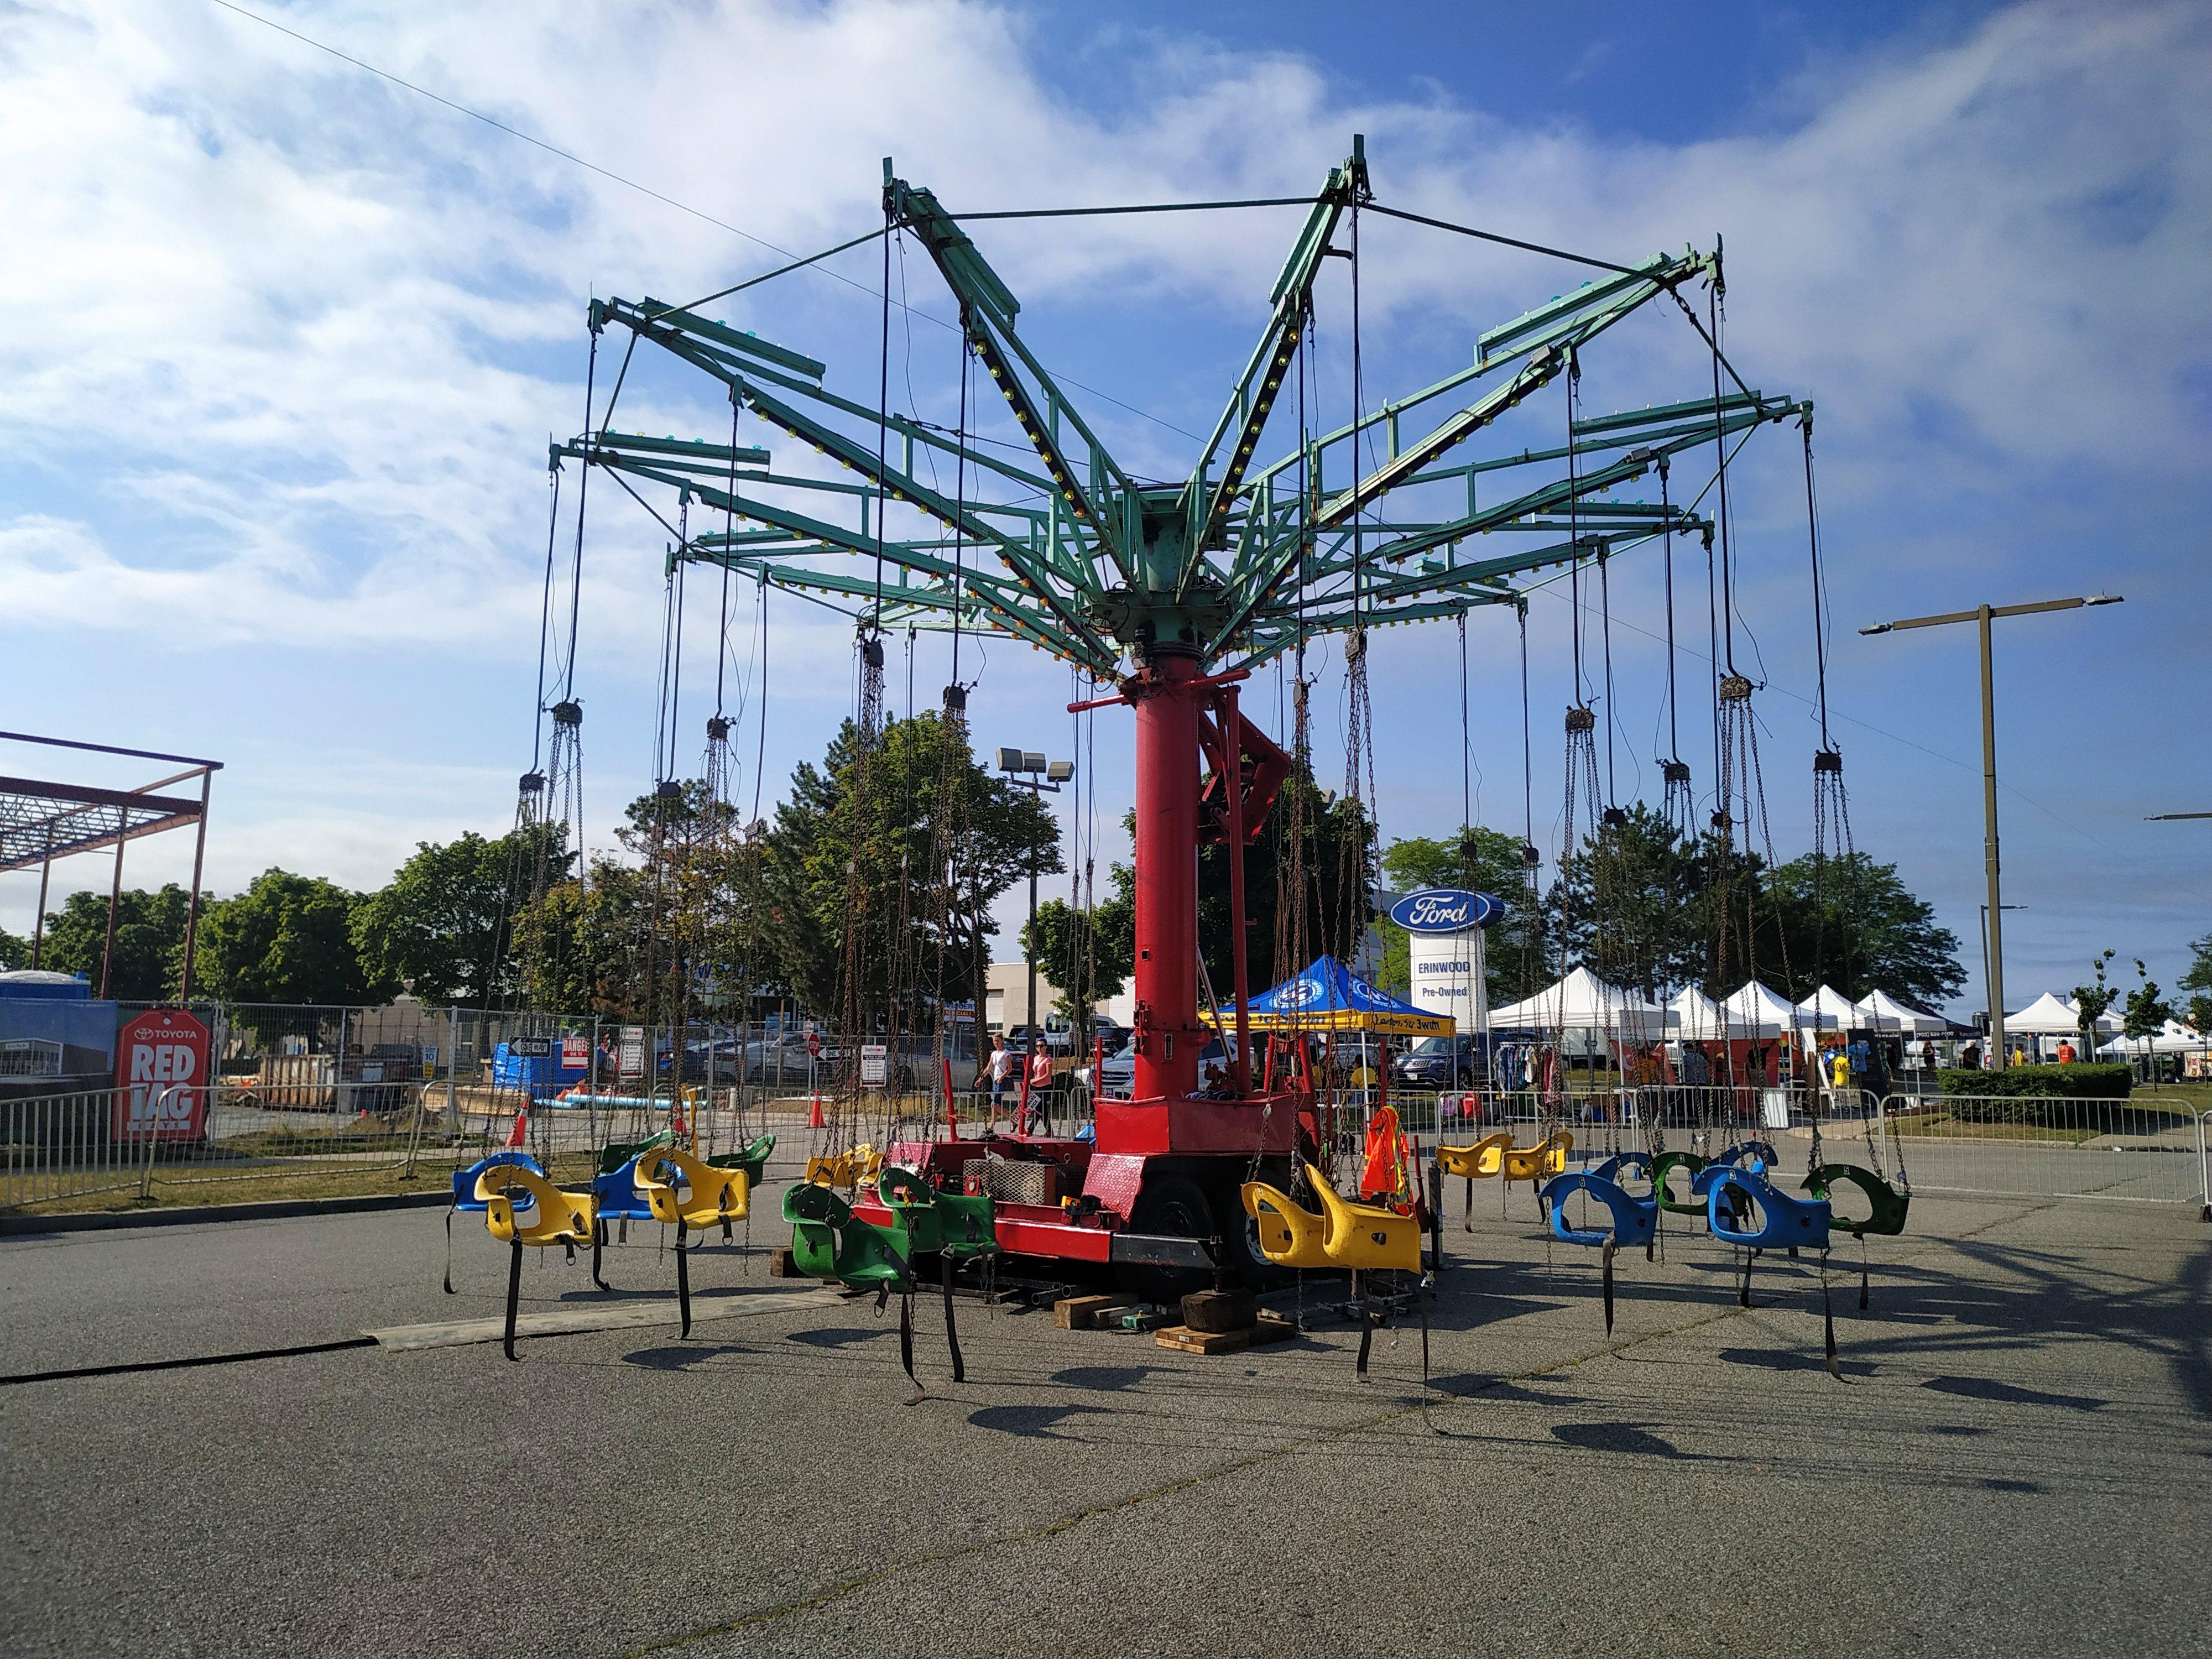 Ferris Wheel, Gable Bros Shows Fairs Carnivals